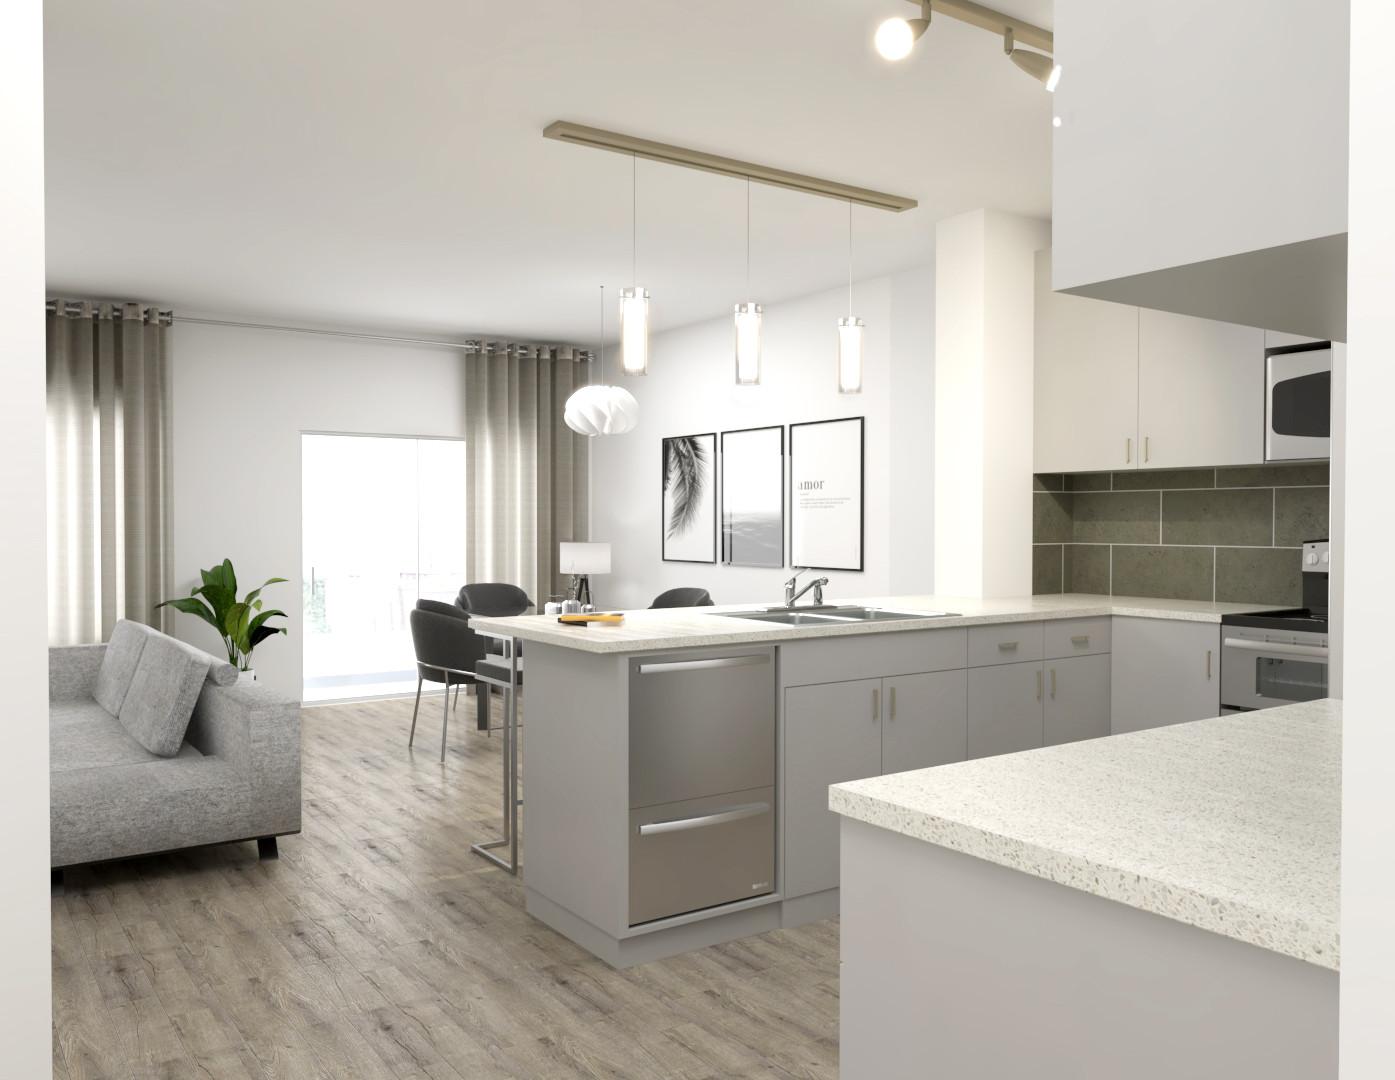 3drendering-kitchen-allure-4.jpg